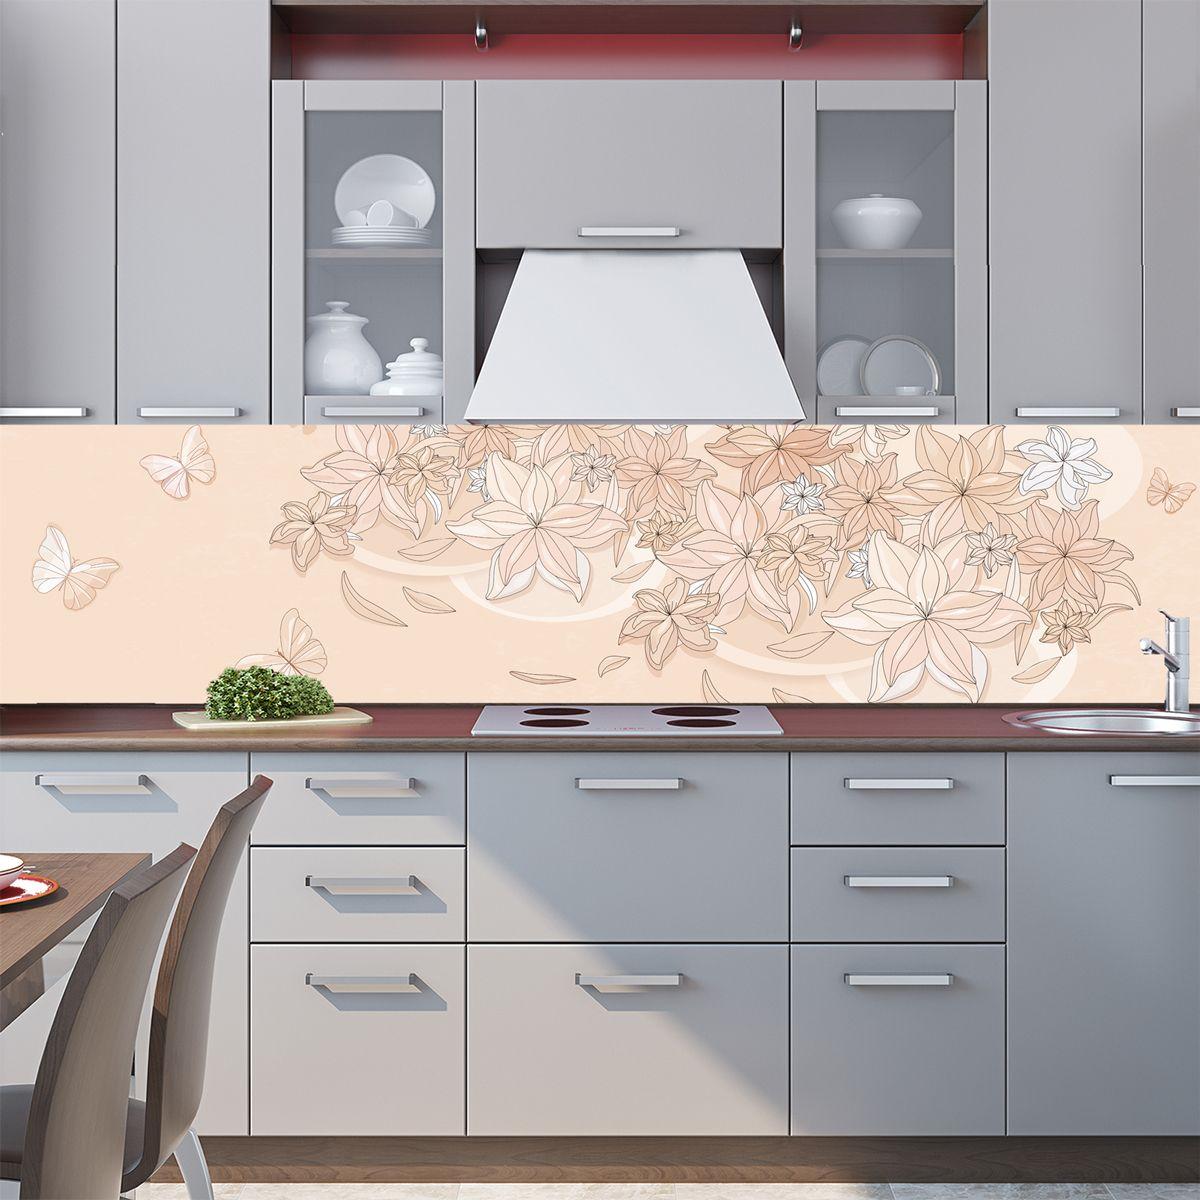 Фартук кухни - Floral-1 купить в магазине Интерьерные наклейки